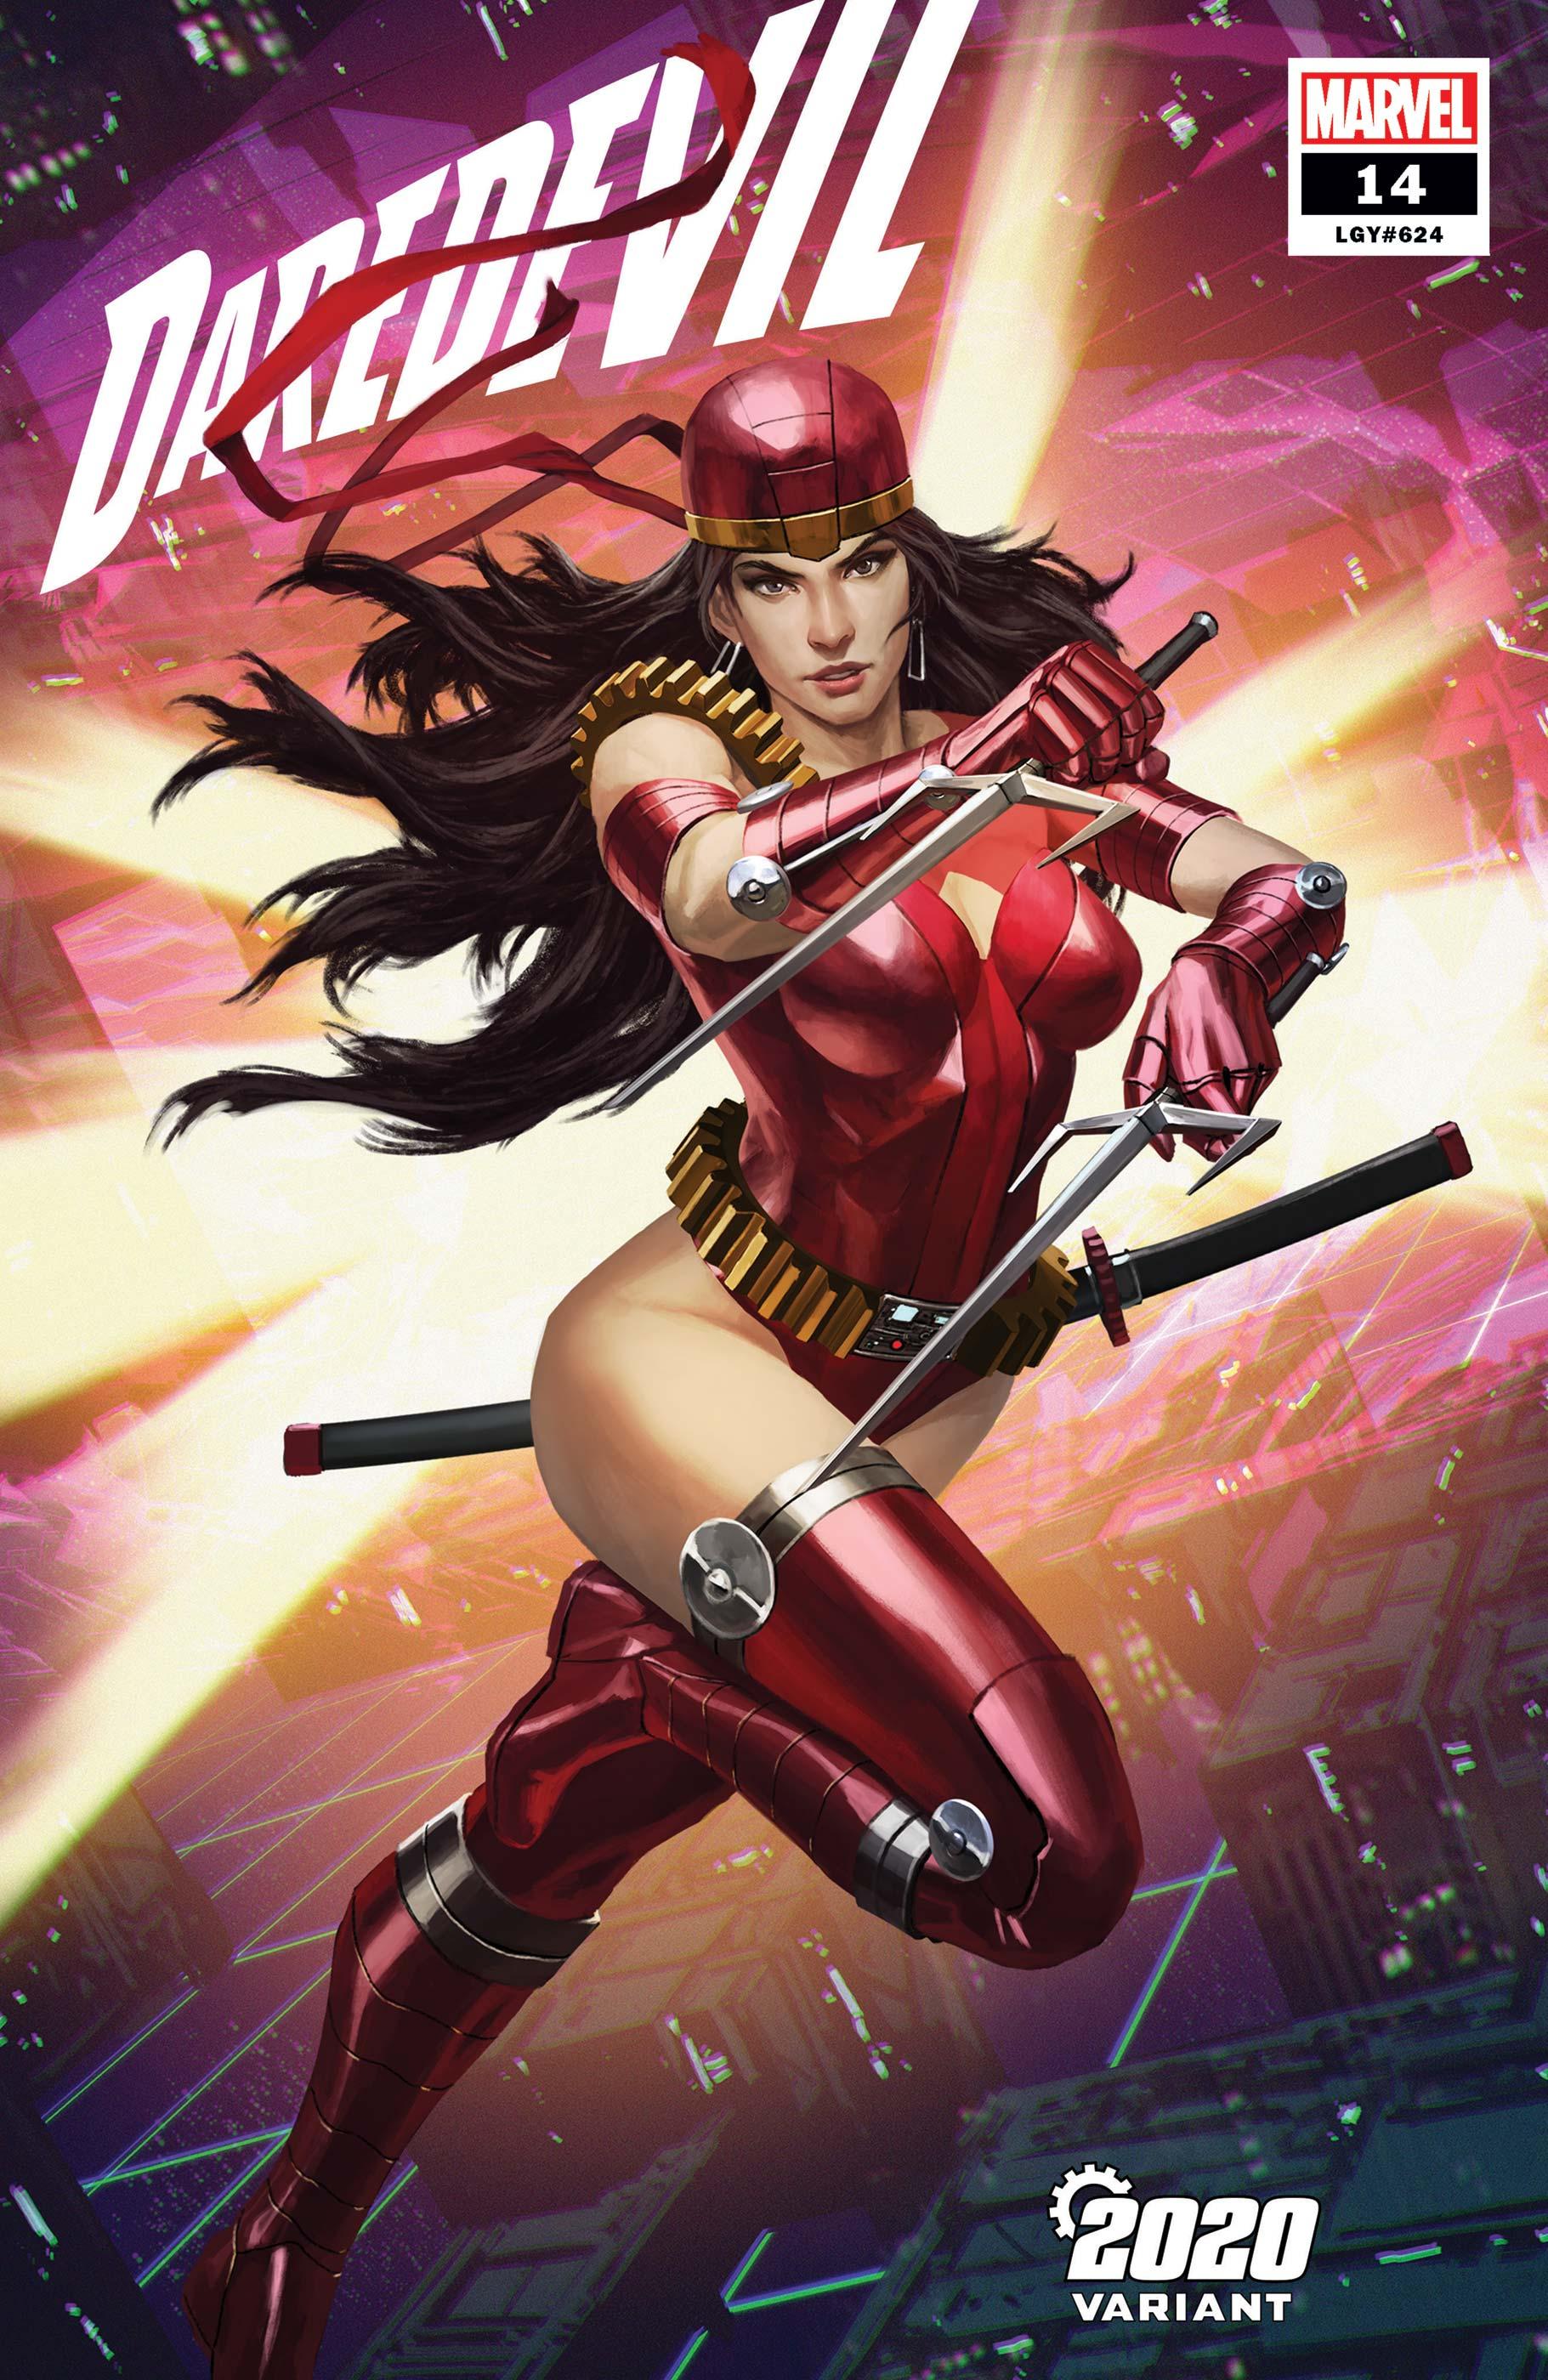 Daredevil (2019) #14 (Variant)